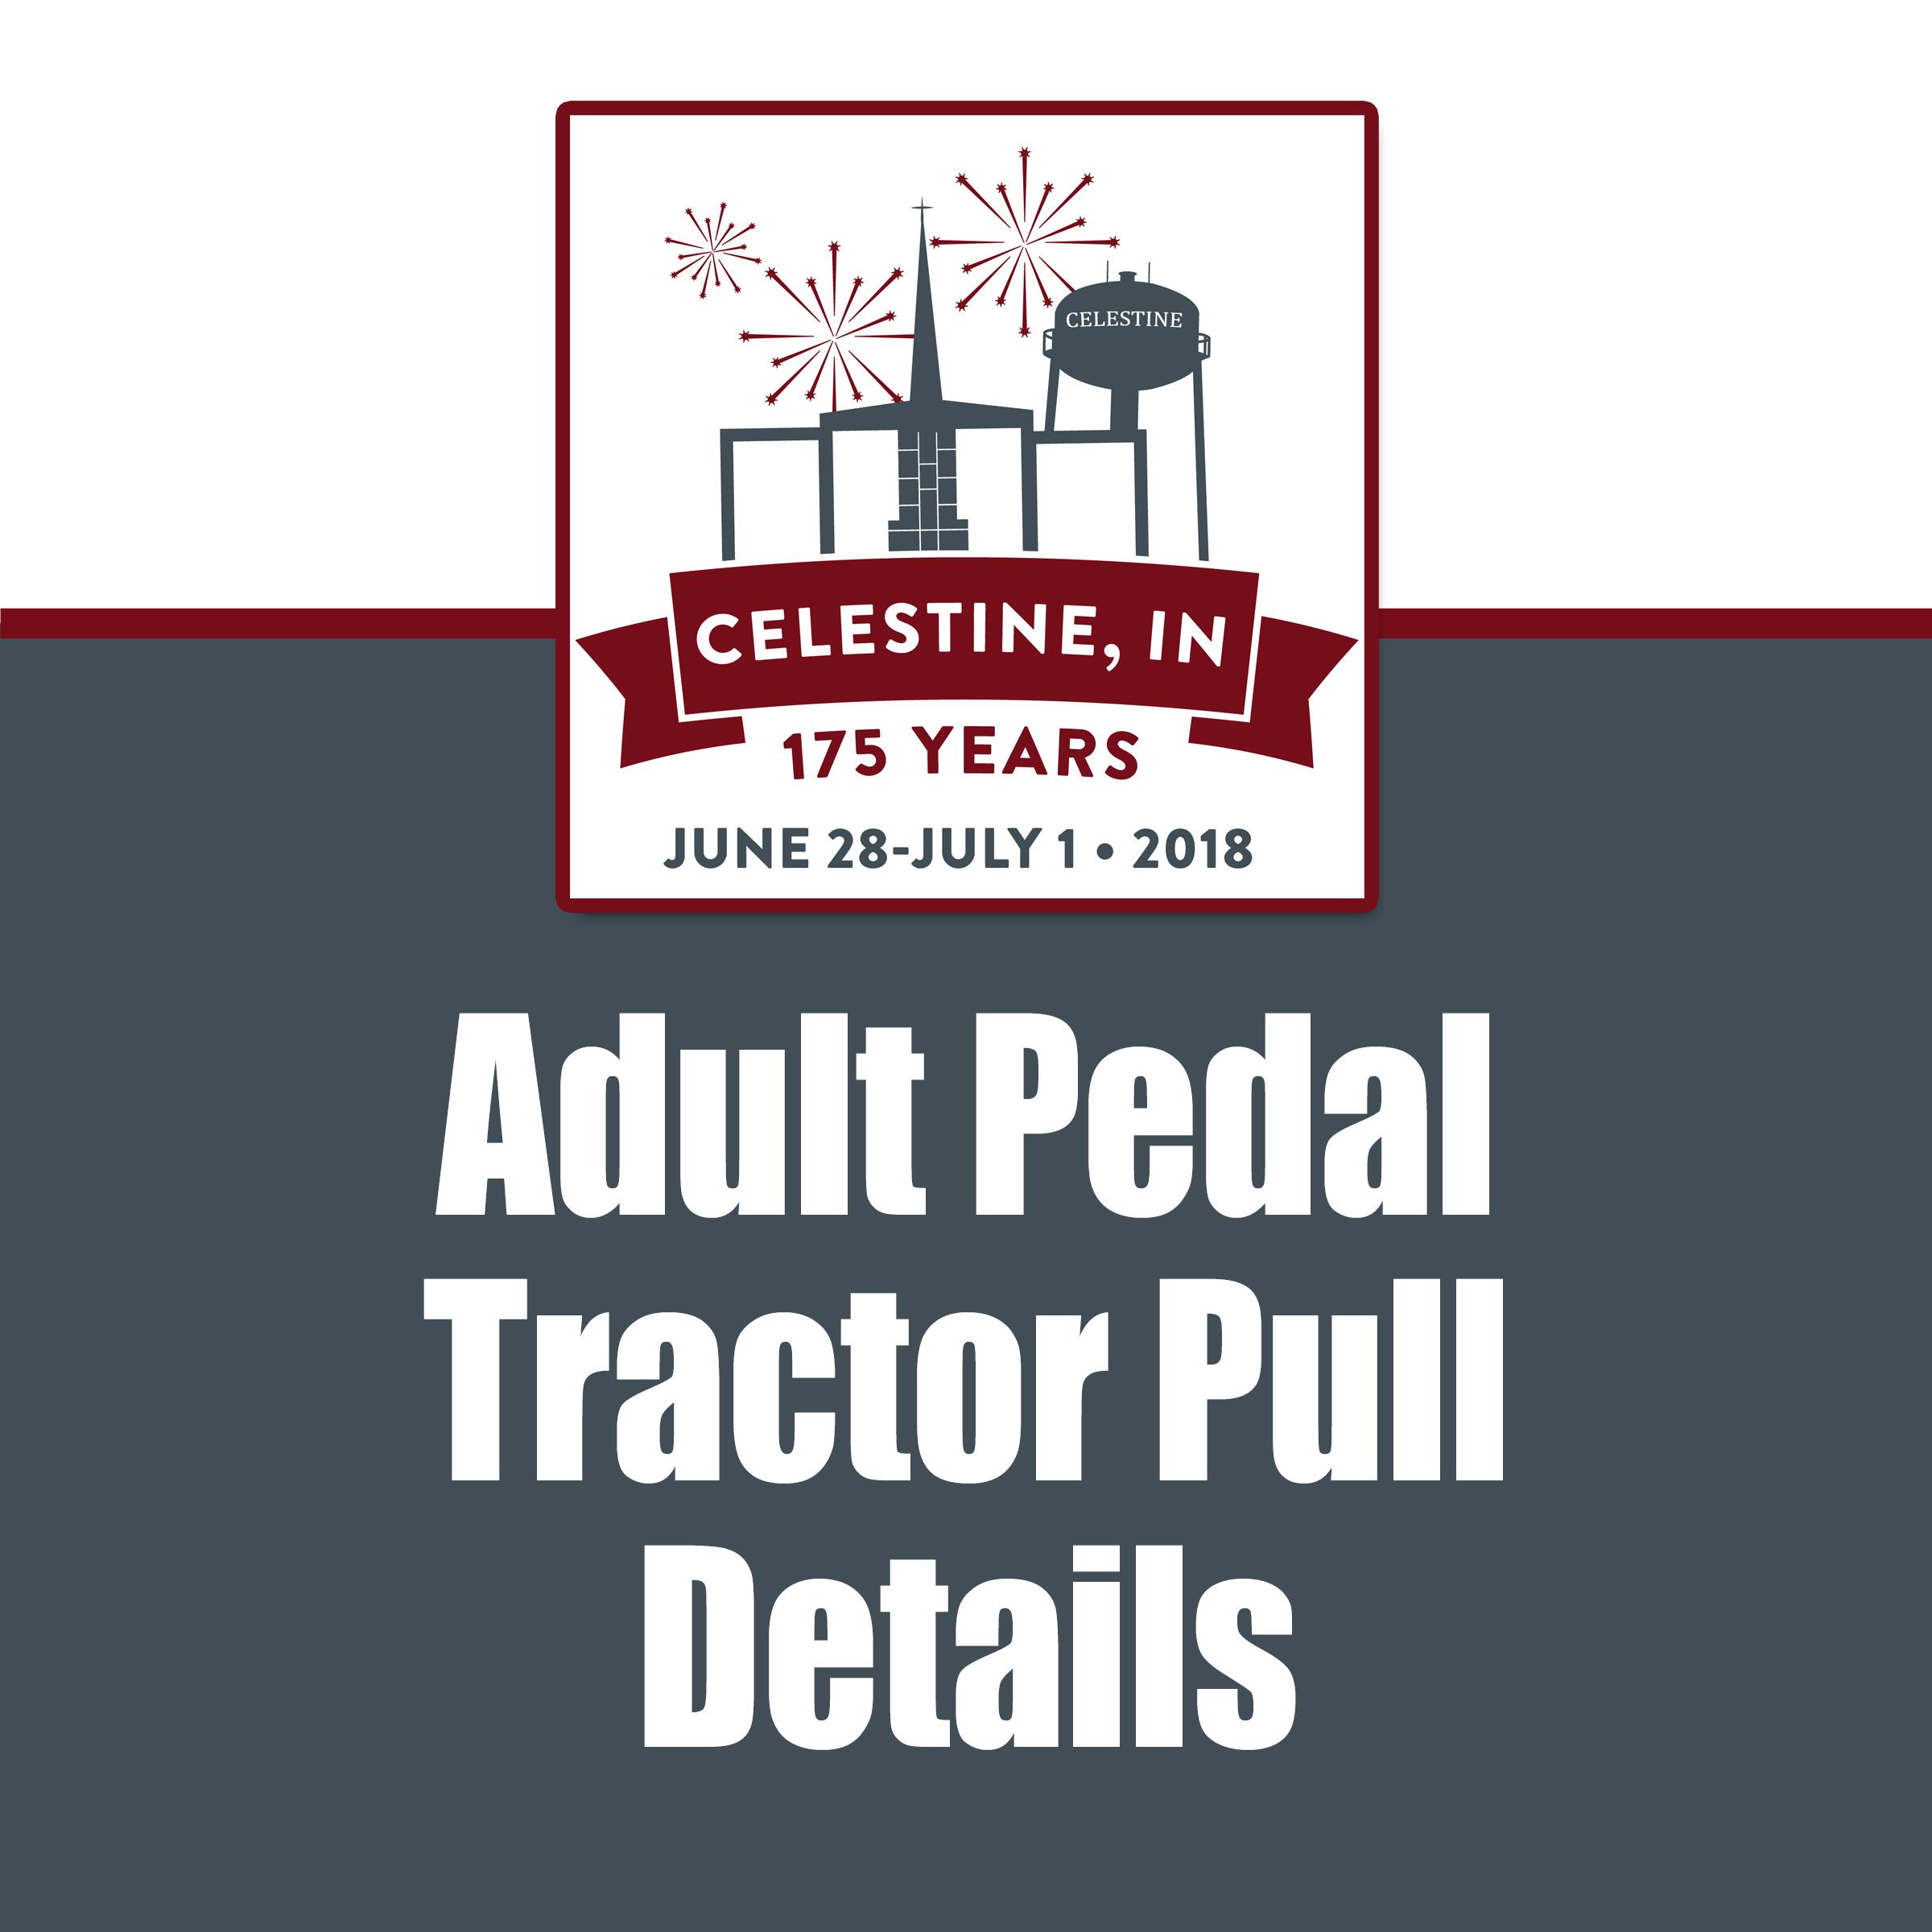 Adult-Pedal-Pull.jpg